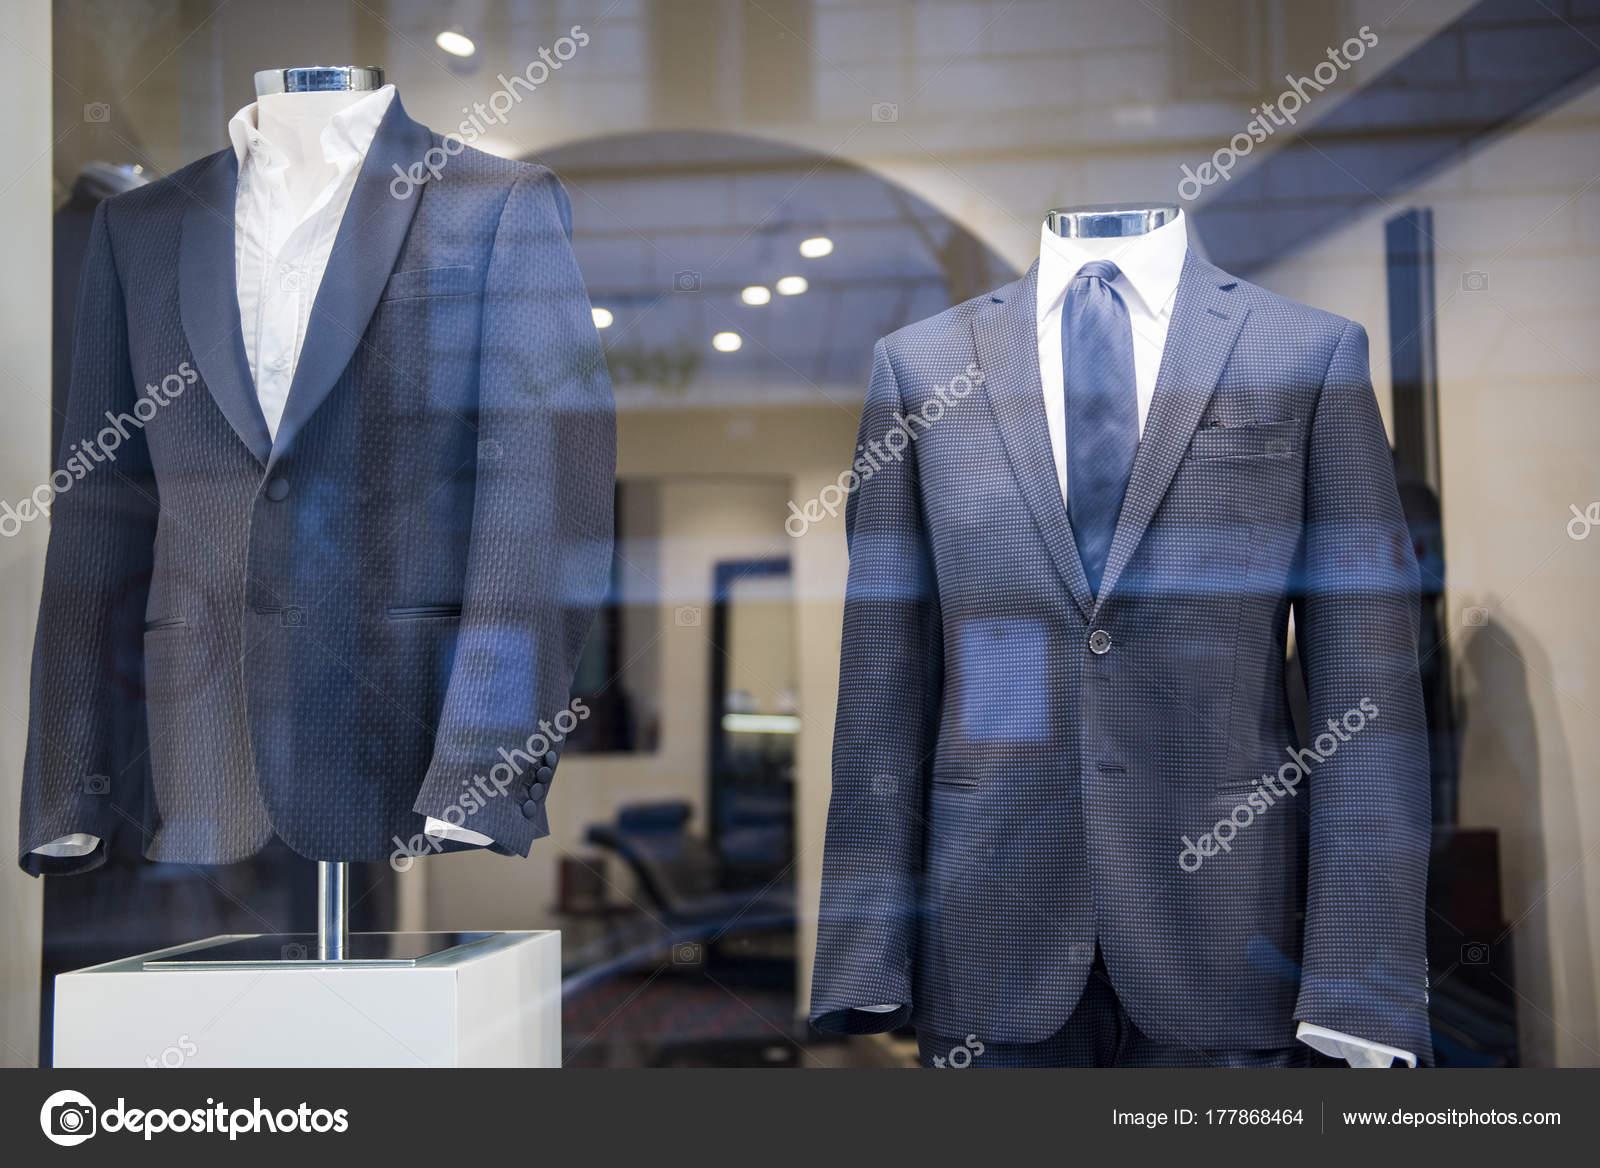 e78be66eaf3 Costumes Hommes Dans Magasin Vêtements Luxe — Photographie ...